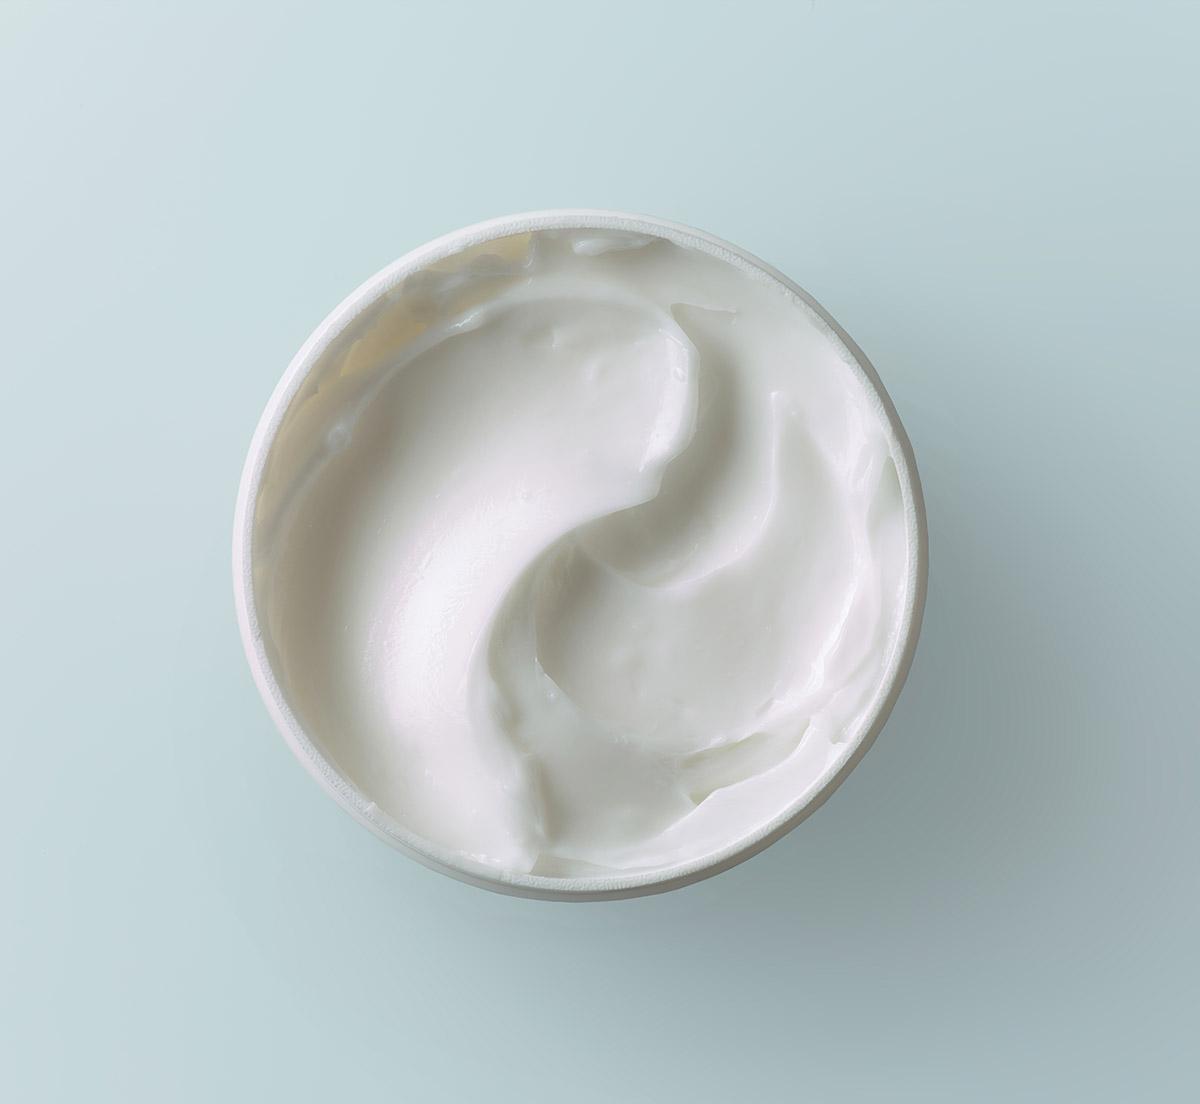 crema antimuffa fai da te per togliere la muffa da pareti e piastrelle